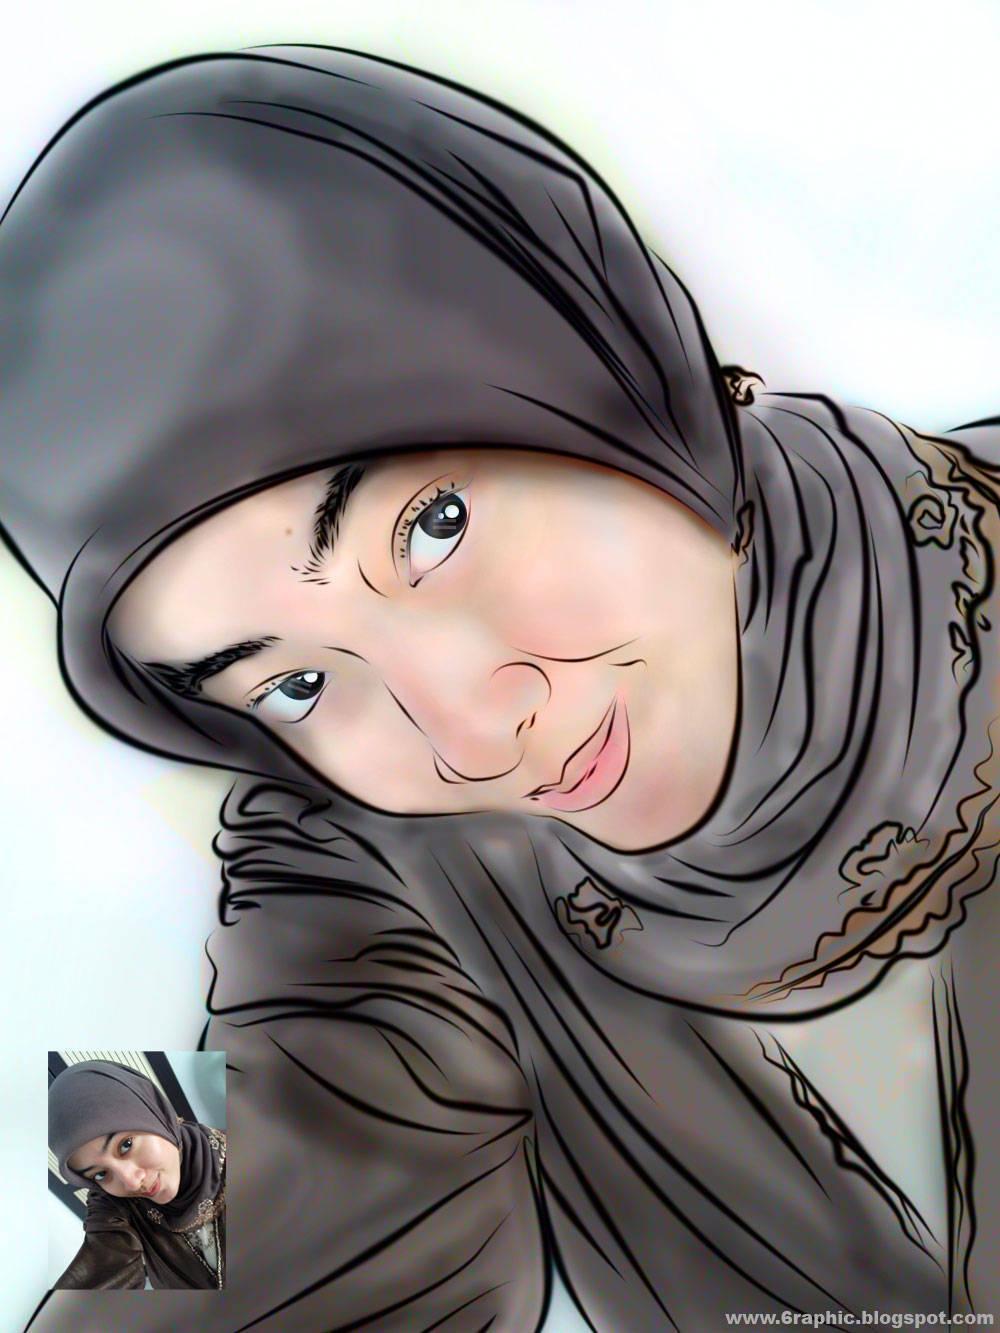 Wila Askhiya